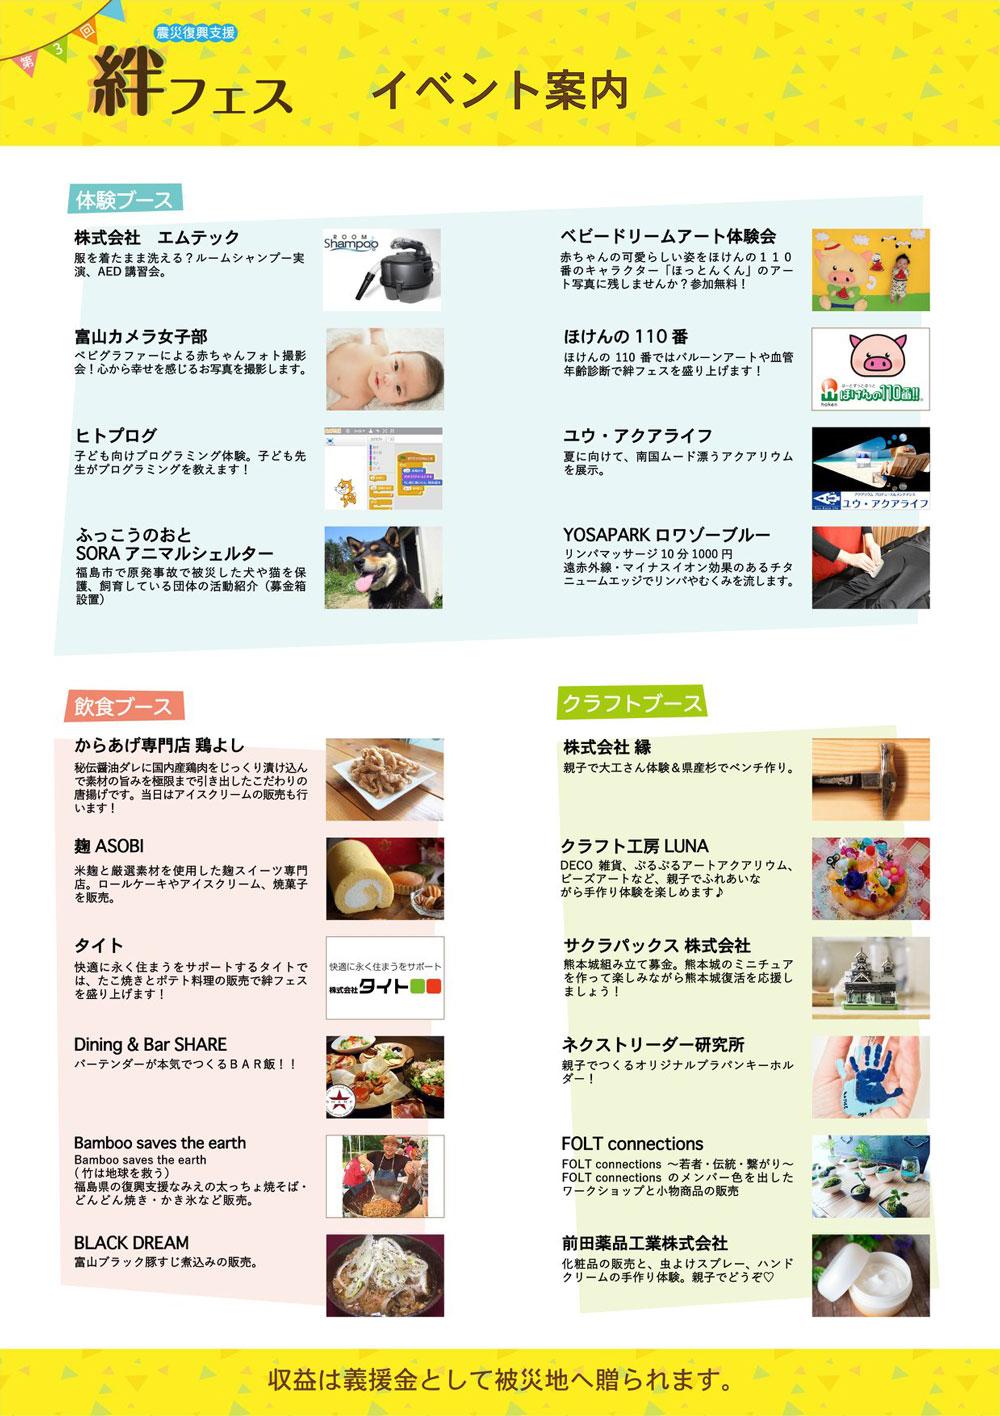 【絆フェス2019】収益は全て義援金として被災地へ!イベント内容